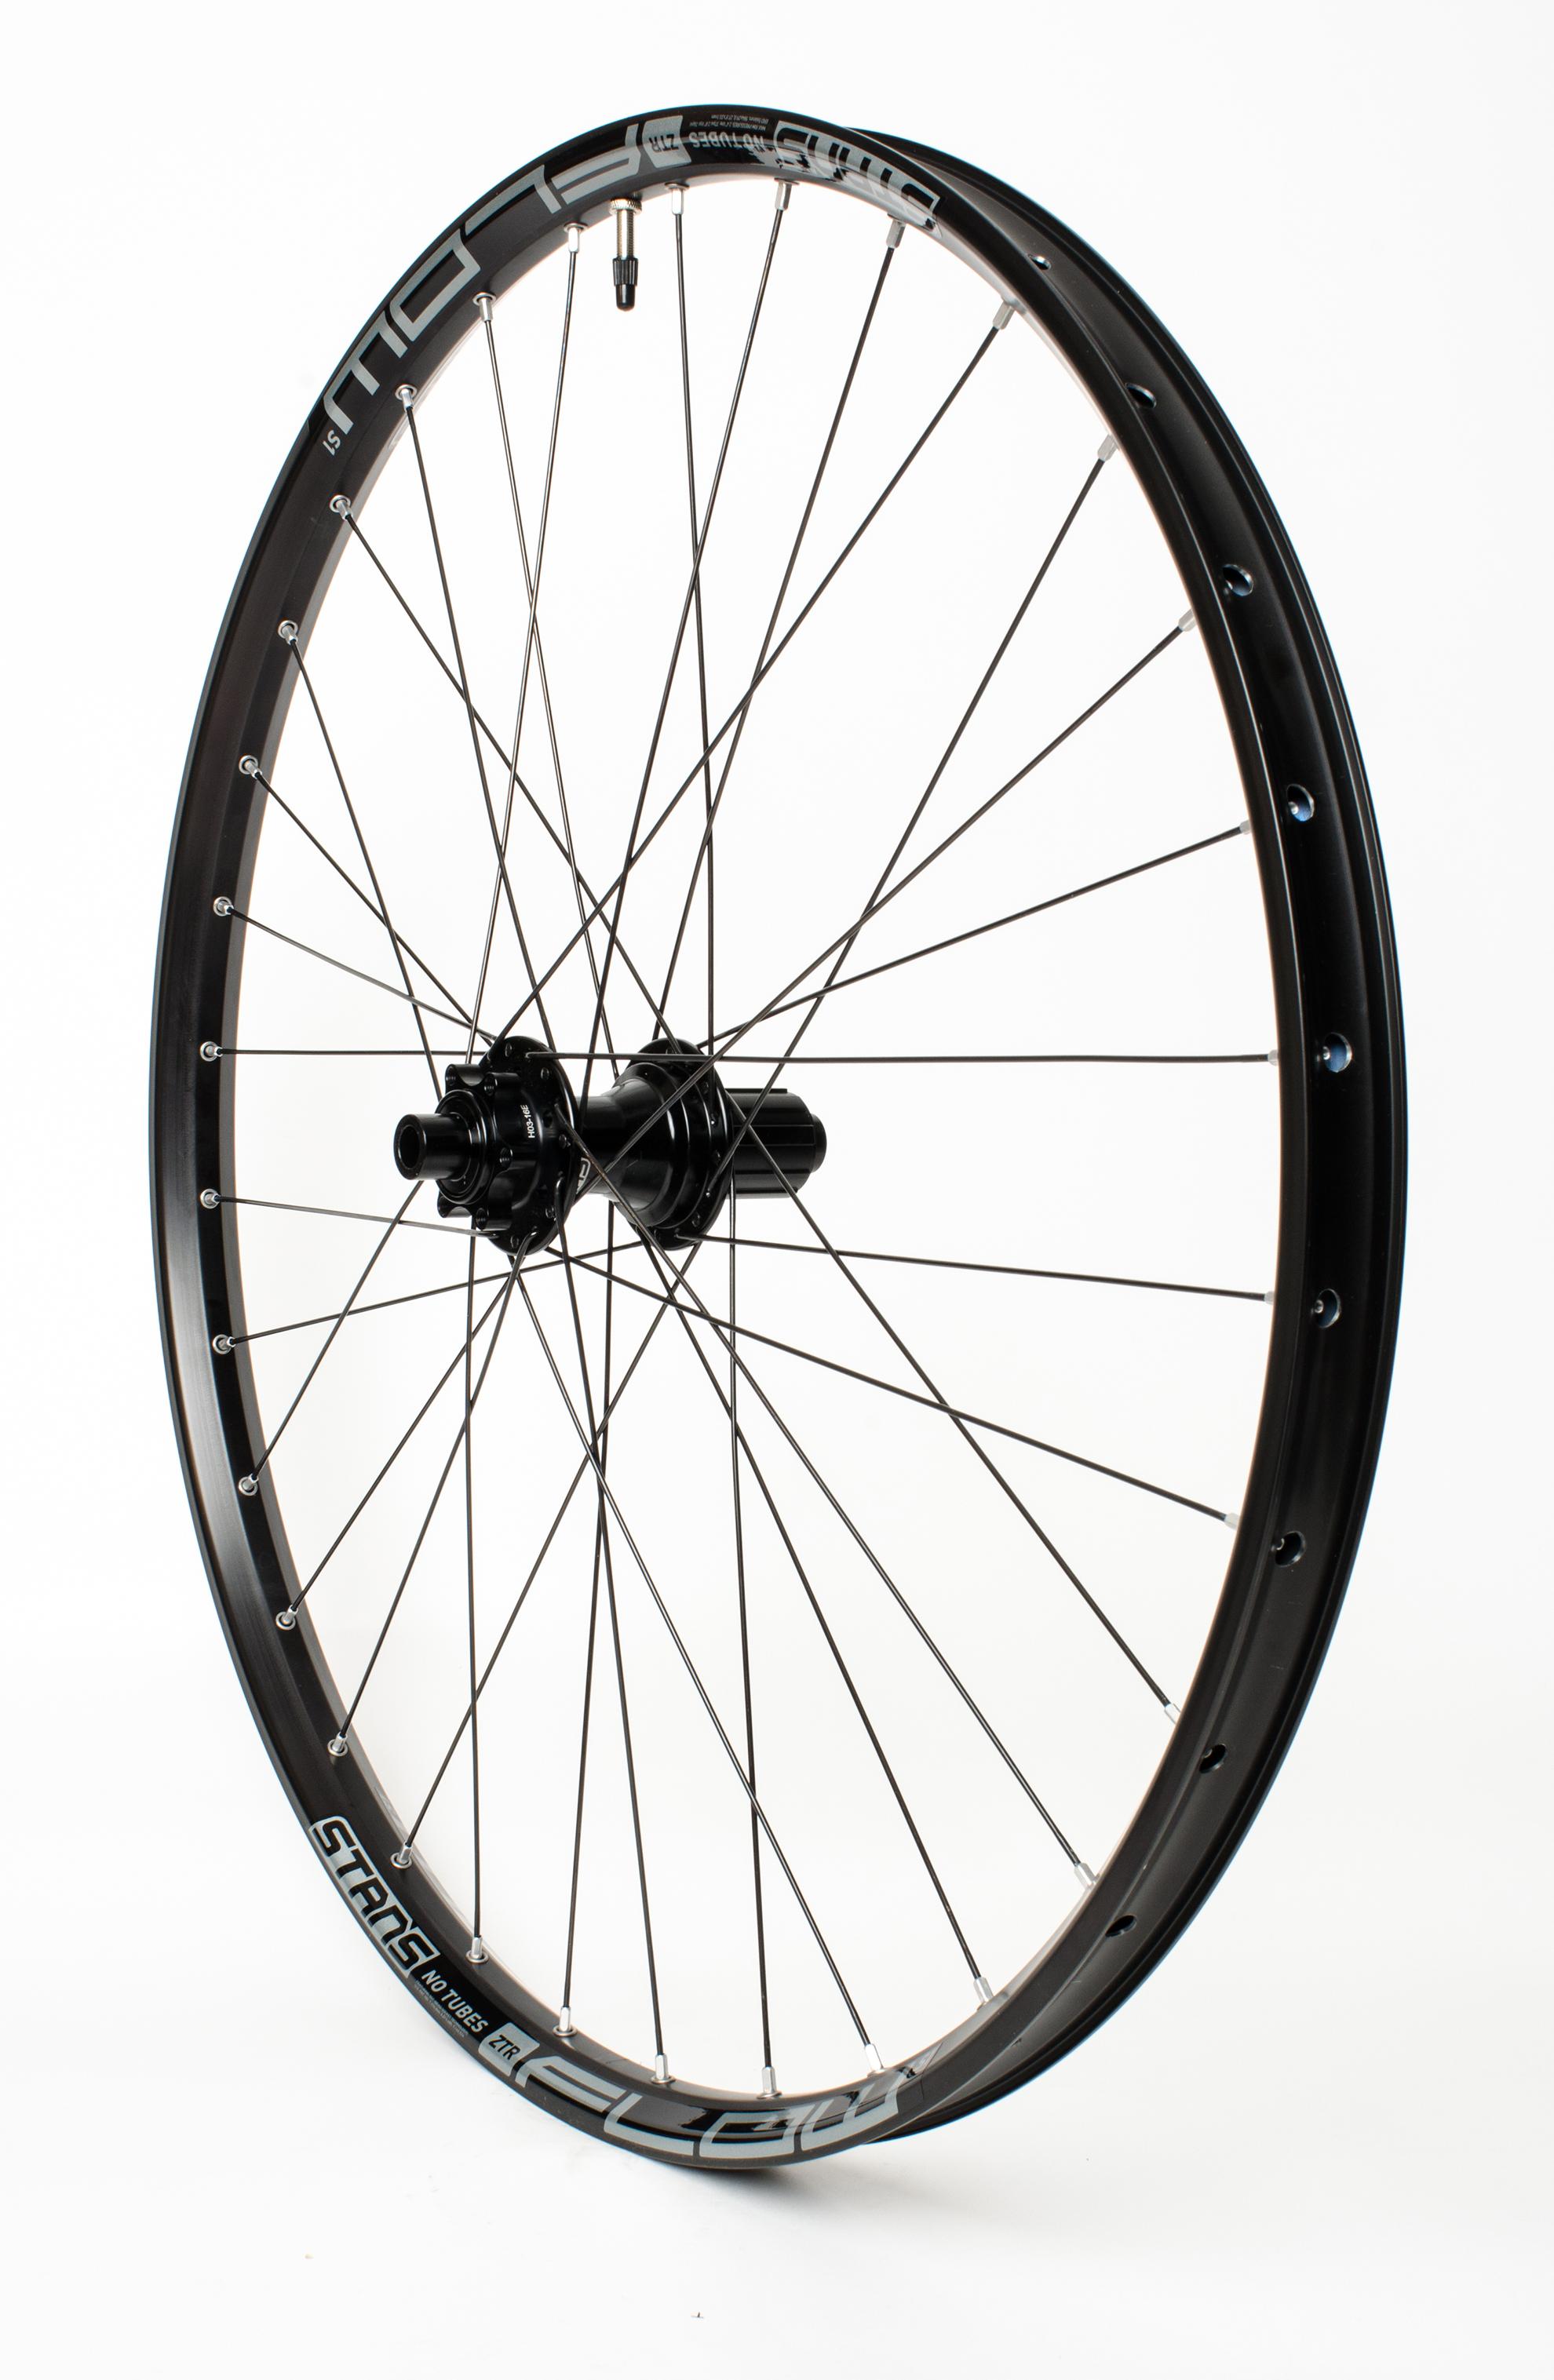 Stan/'s NoTubes S1 Wheel Flow 29mm 27.5 100 x 15 Front